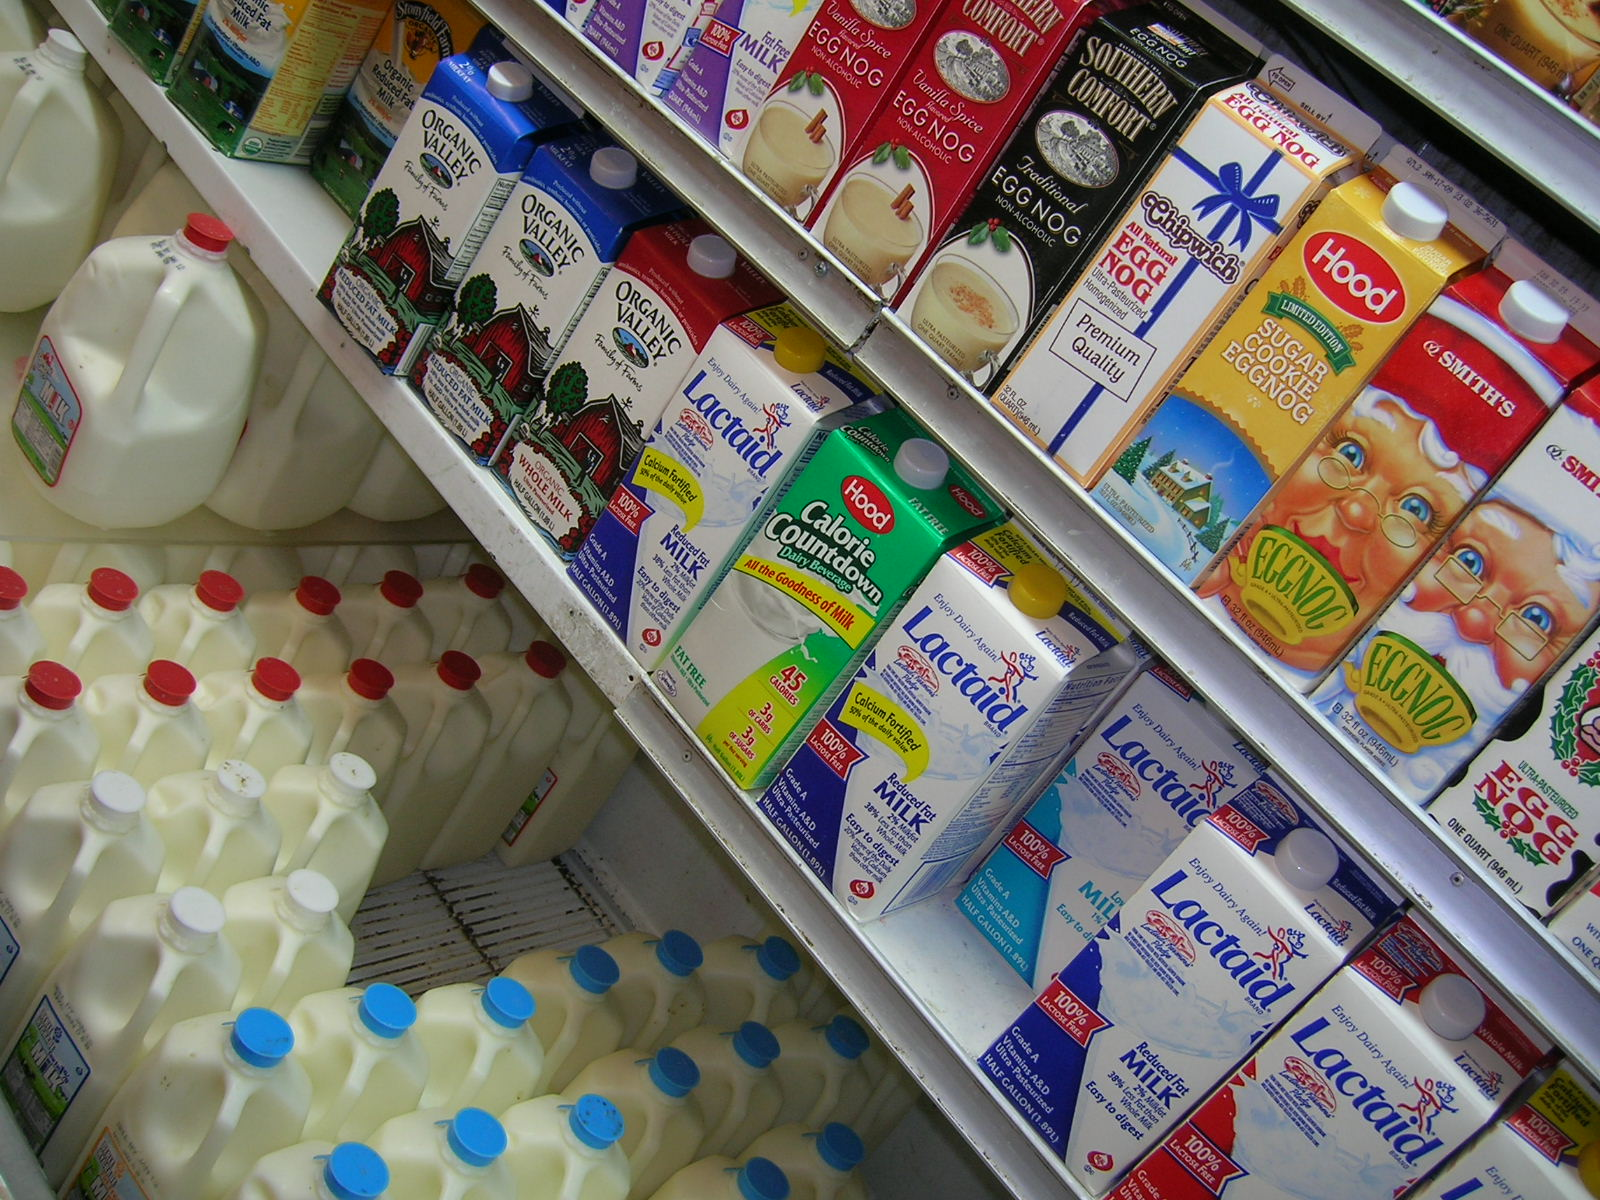 A scuola di spesa i Master Of Food: impariamo a leggere le etichette - Slow Food - Buono, Pulito e Giusto.